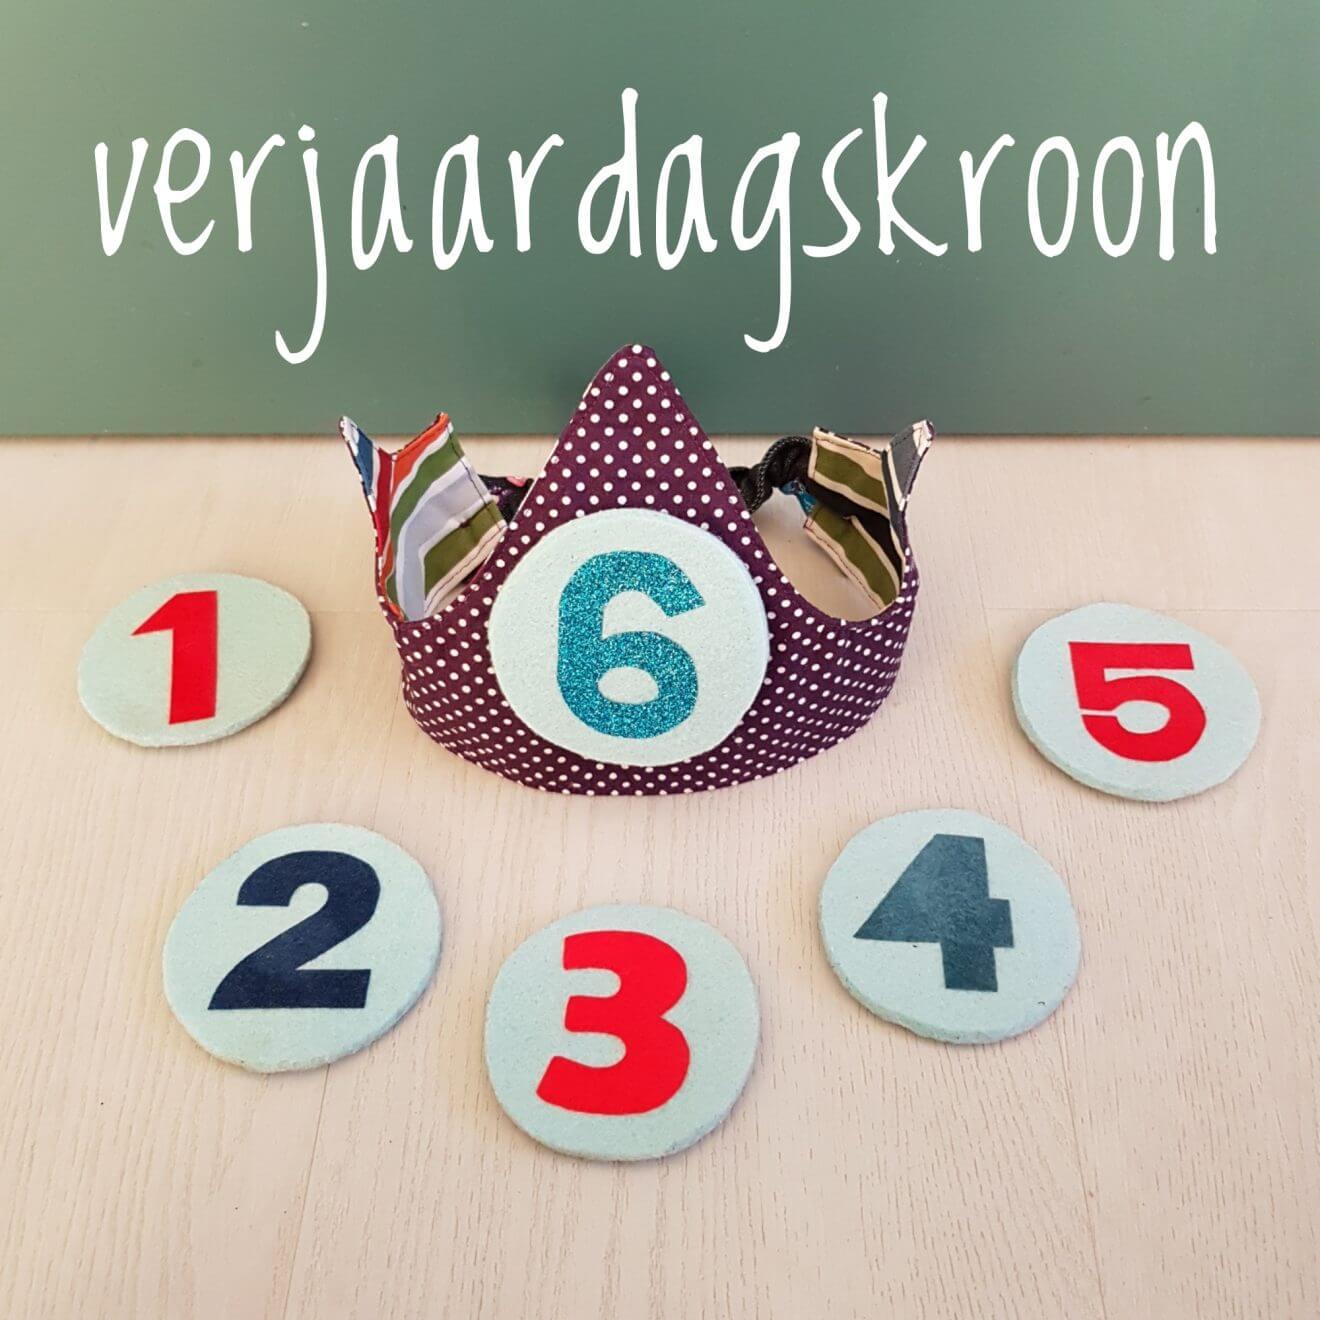 Een zelfgemaakte verjaardagskroon die je elk jaar kunt gebruiken - DIY selfmade fabric birthday crown tutorial kids children